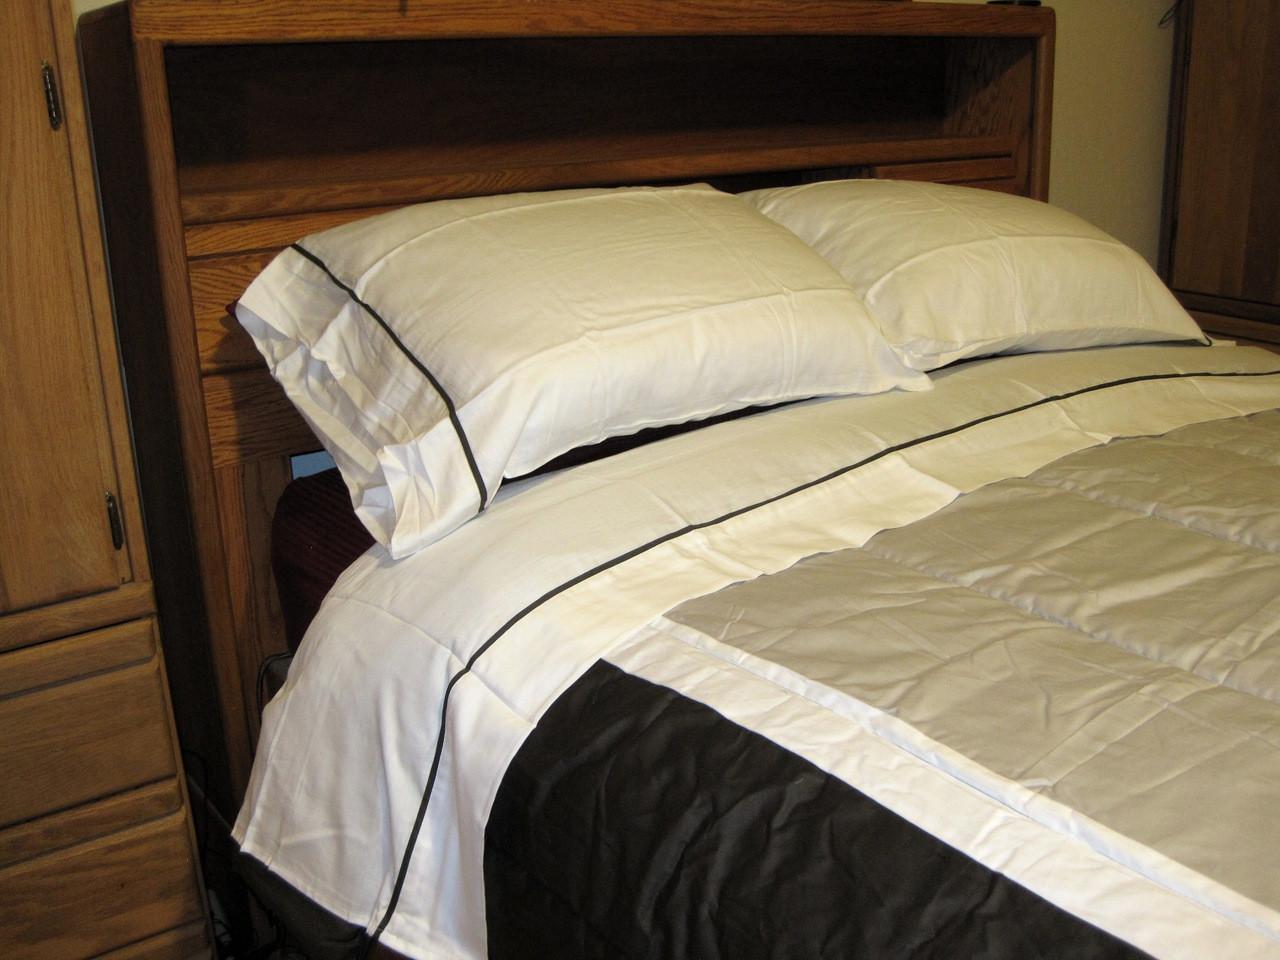 Bed Bath Beyond Boulevard Black Khaki White Sheet